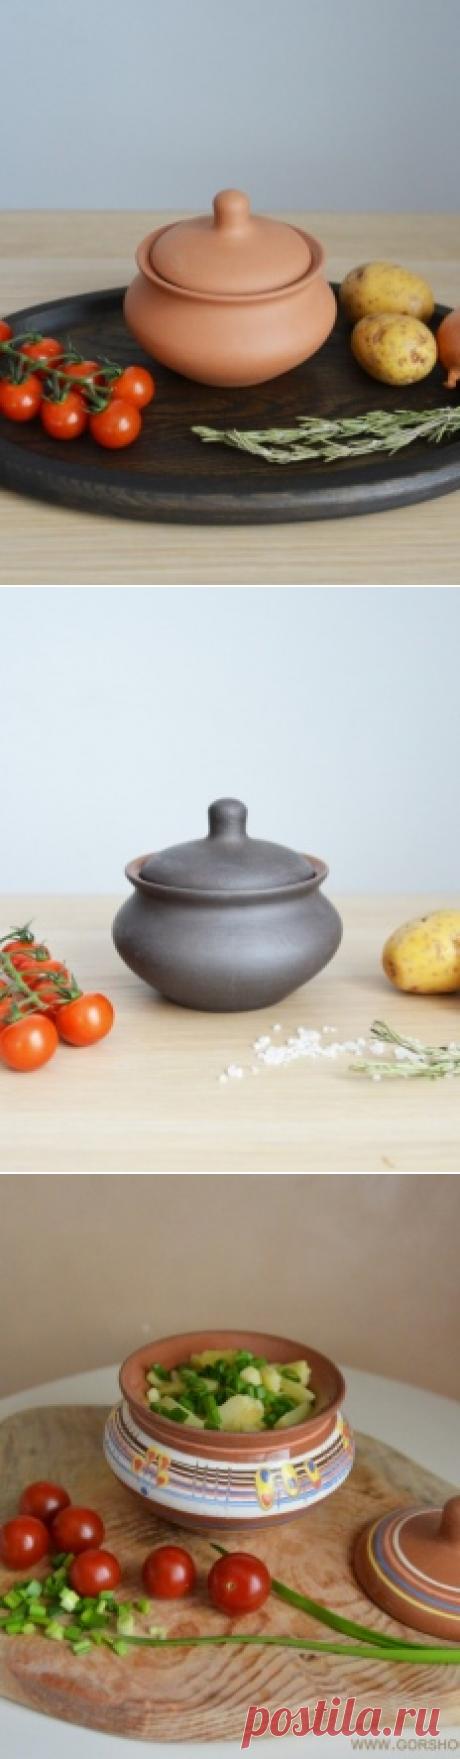 Глиняные, керамические горшки для запекания в духовке - купить